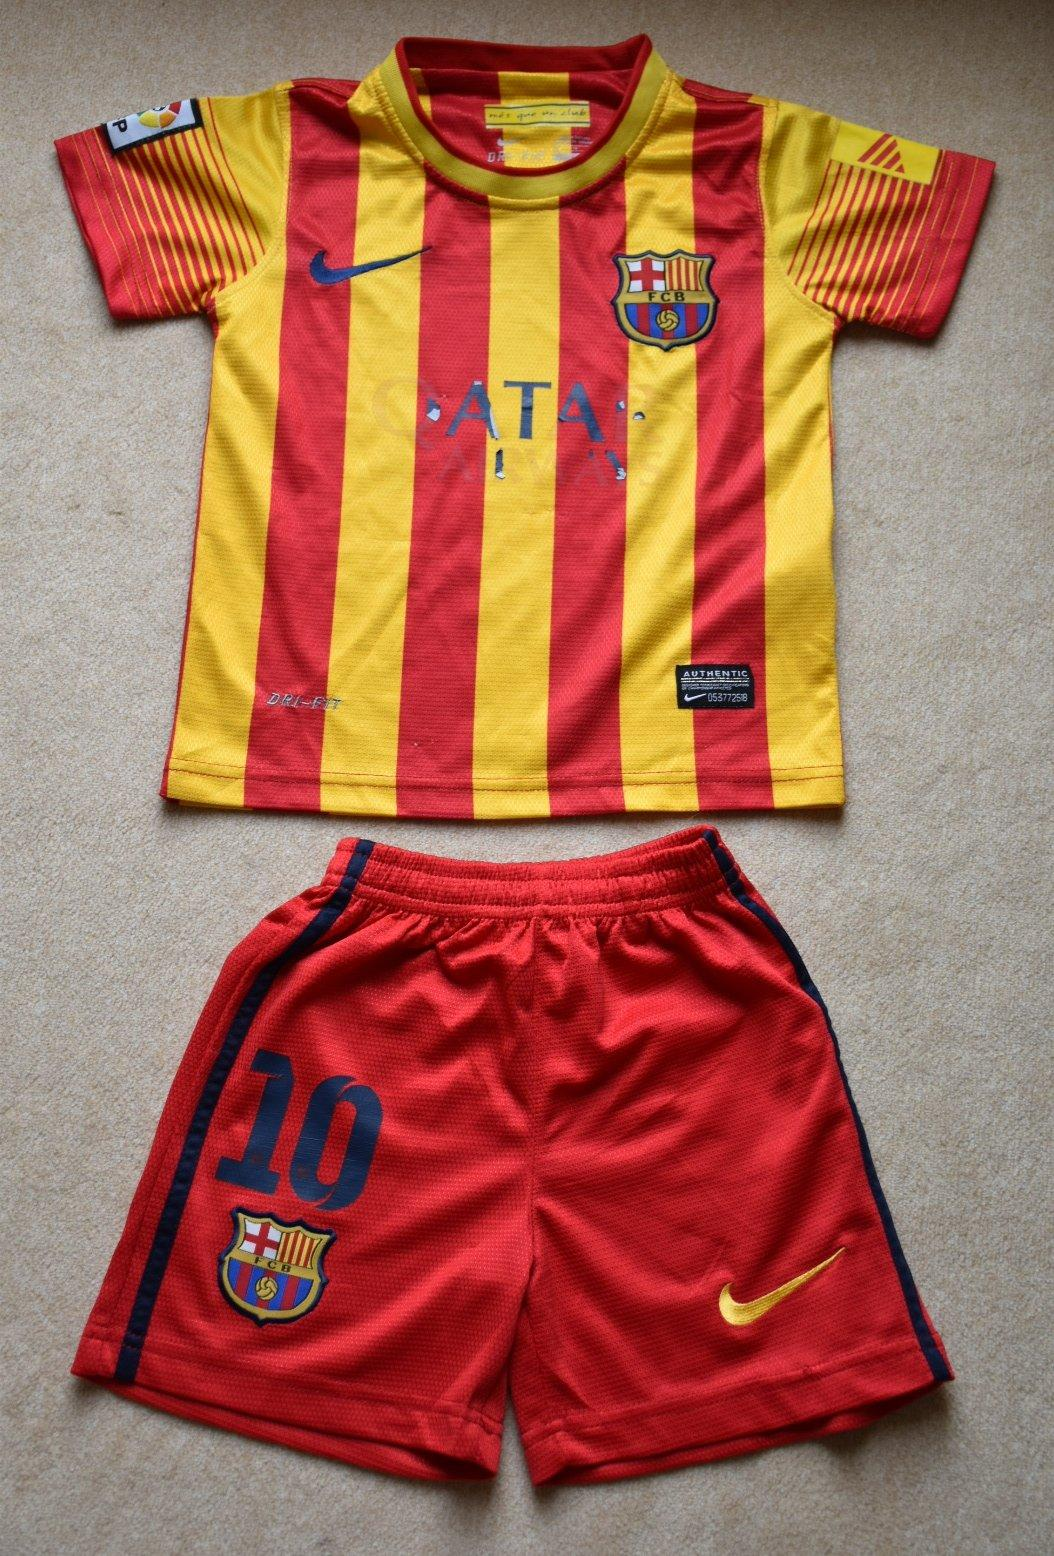 e0aaaecd00c31 Futbalový dres fc barcelona, nike,104 - 12,90 € od predávajúcej lienooocka    Detský bazár   ModryKonik.sk